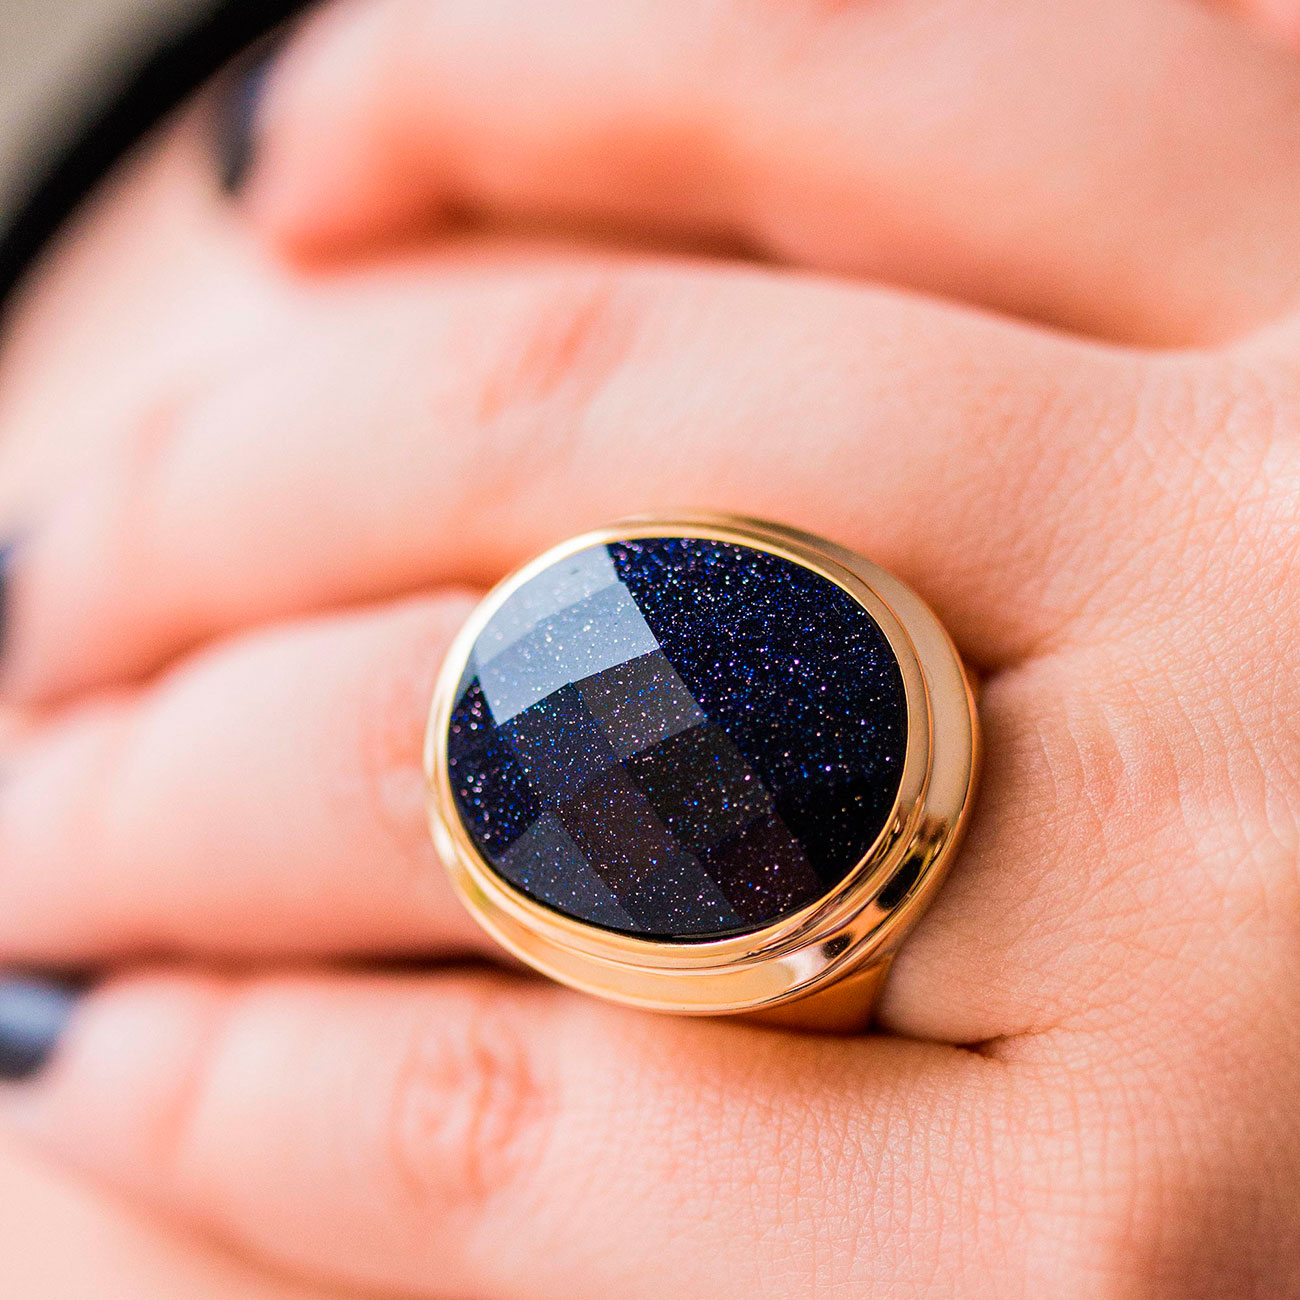 Anel de Pedra Estrela Banhado a Ouro 18k Feminino